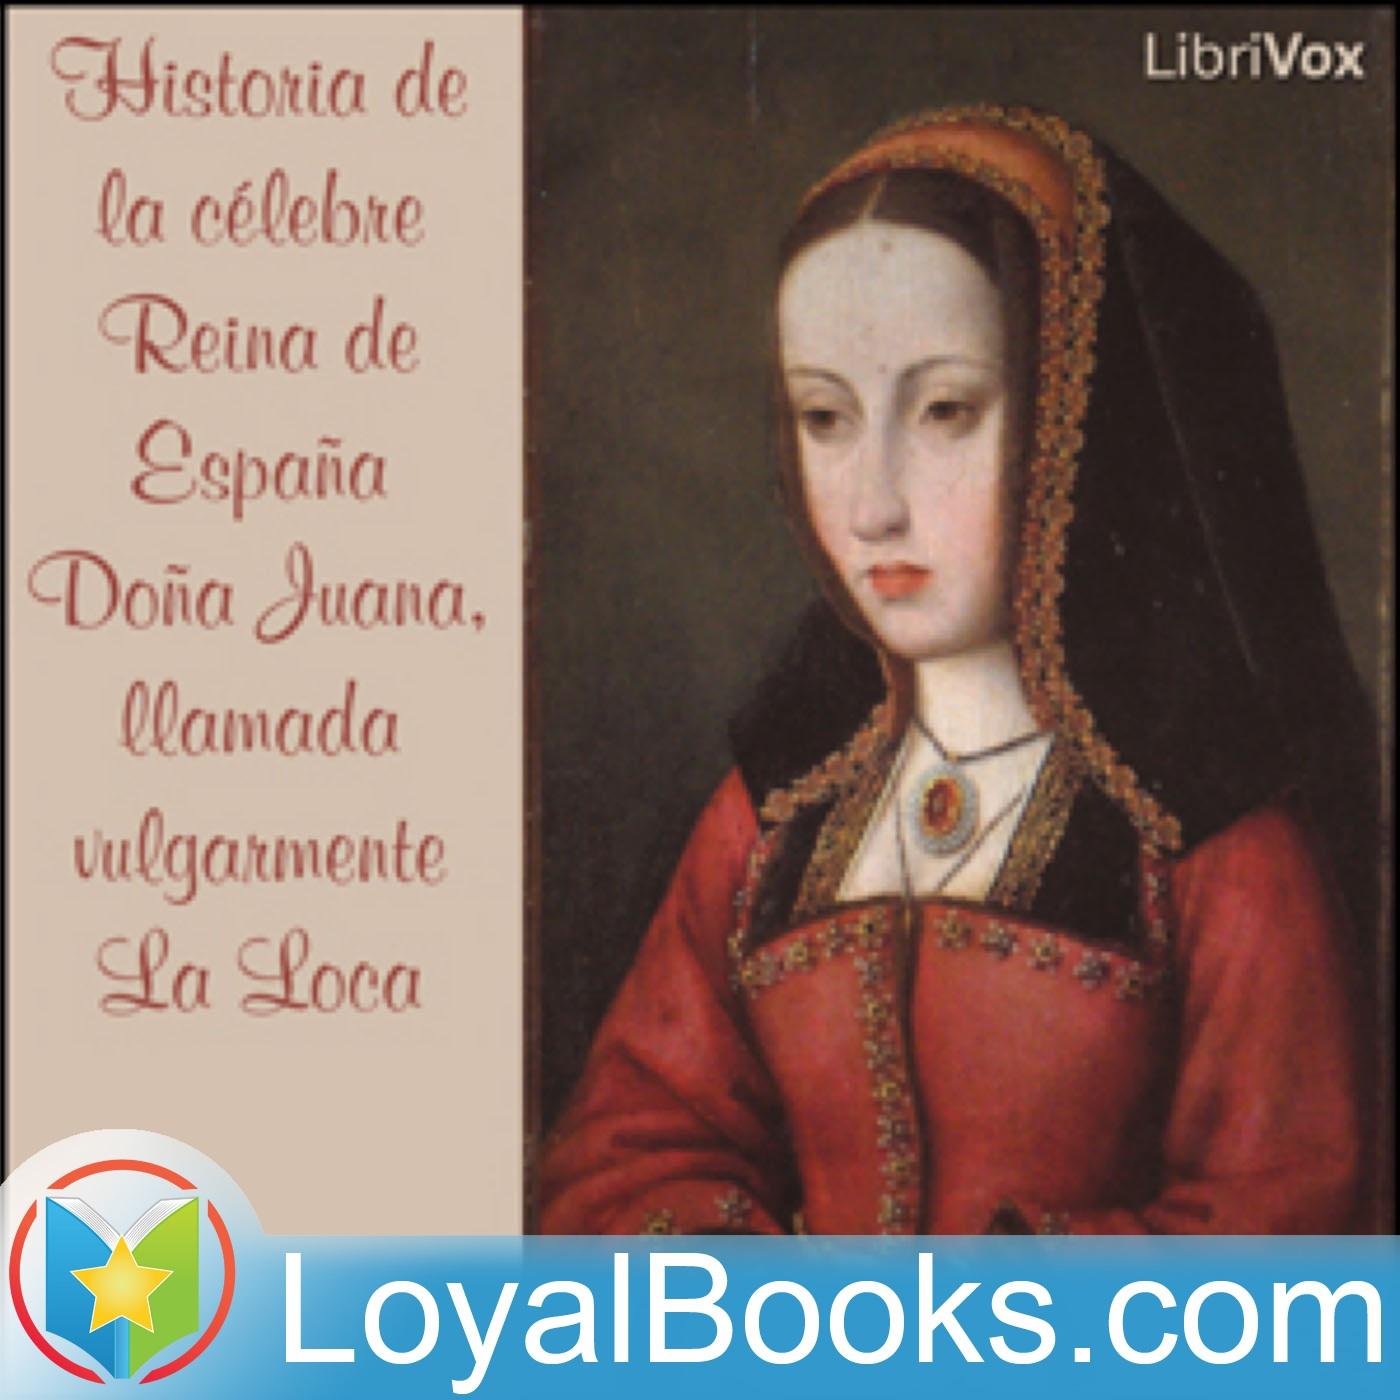 <![CDATA[Historia de la célebre Reina de España Doña Juana, llamada vulgarmente La Loca by Anonymous]]>